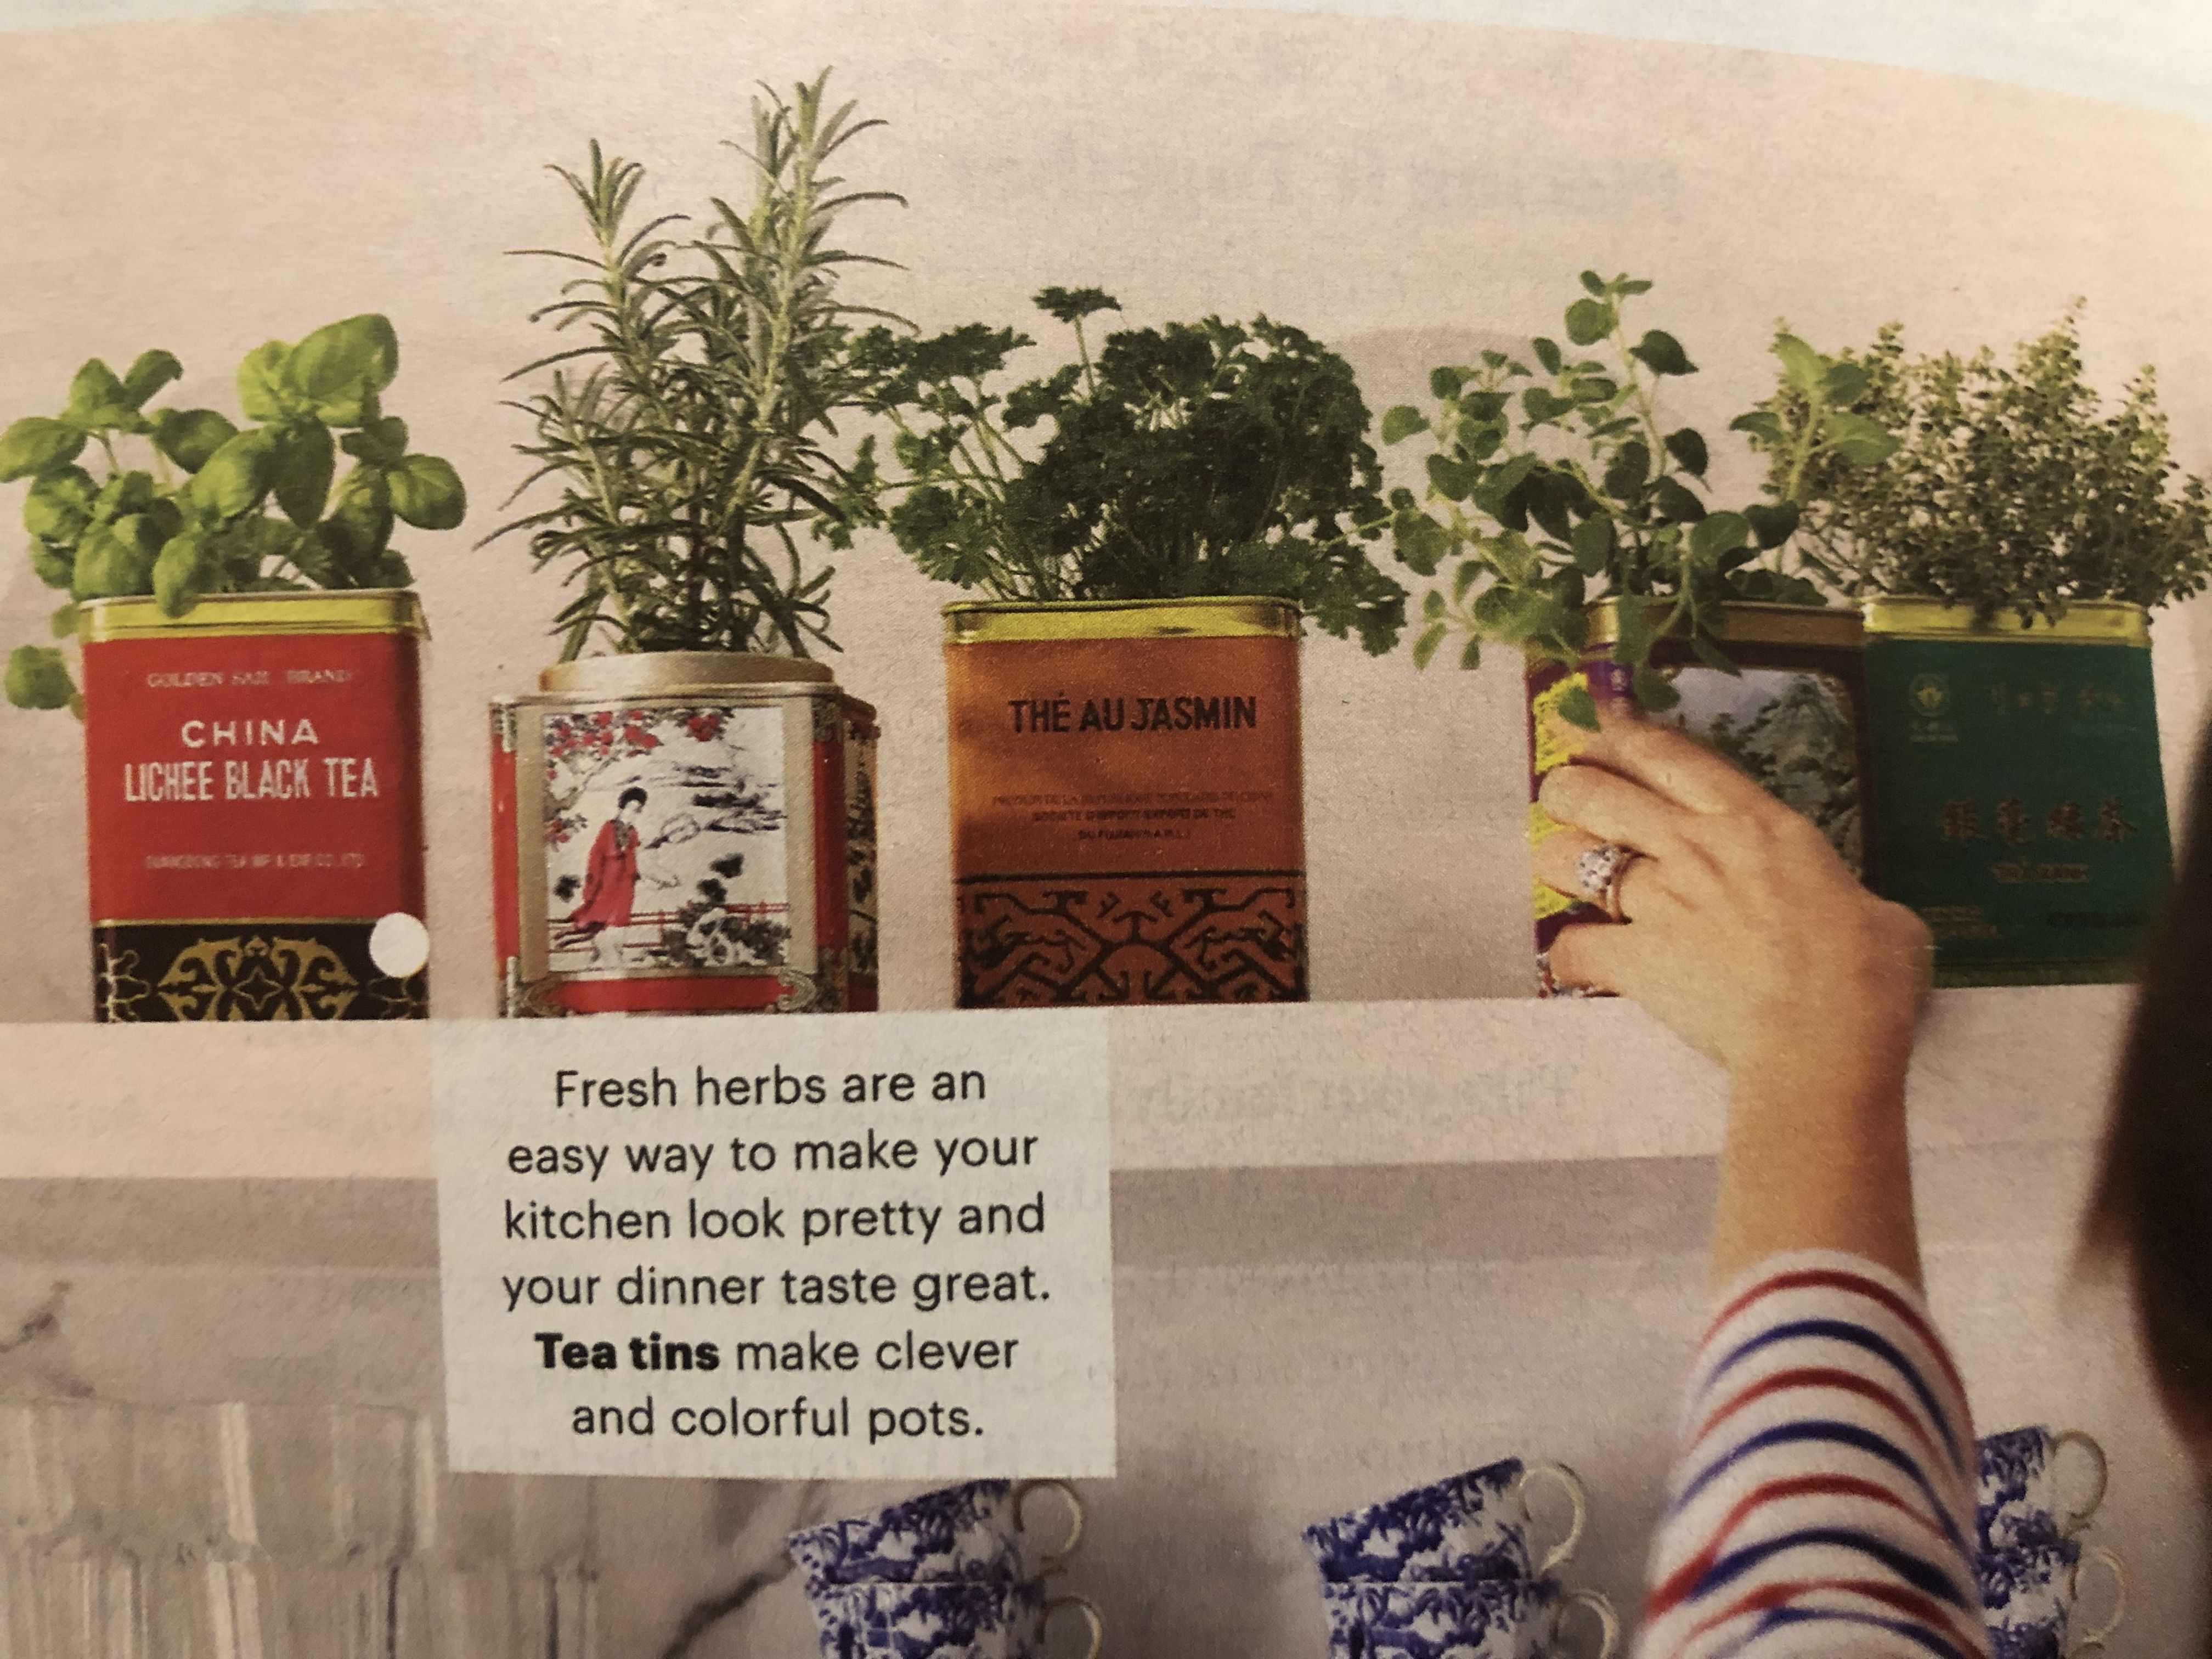 Herbs In Tea Tins Family Circle March 2019 Tea Tins Herbs Tea